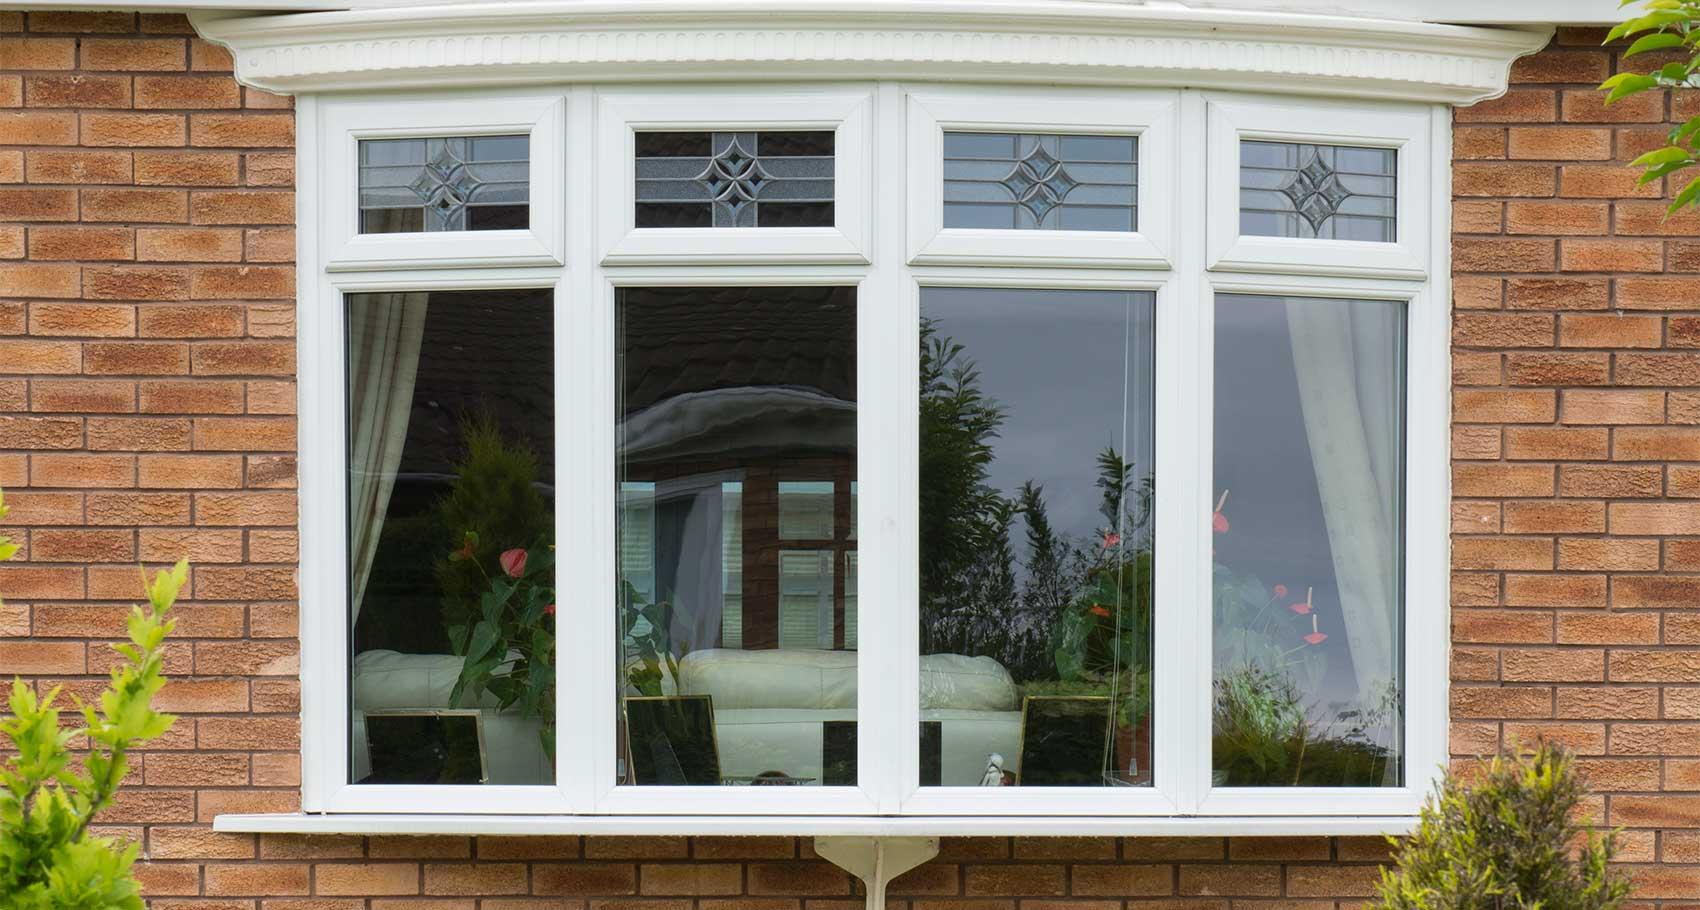 Upvc Bow And Bay Windows Sevenoaks Bow And Bay Window